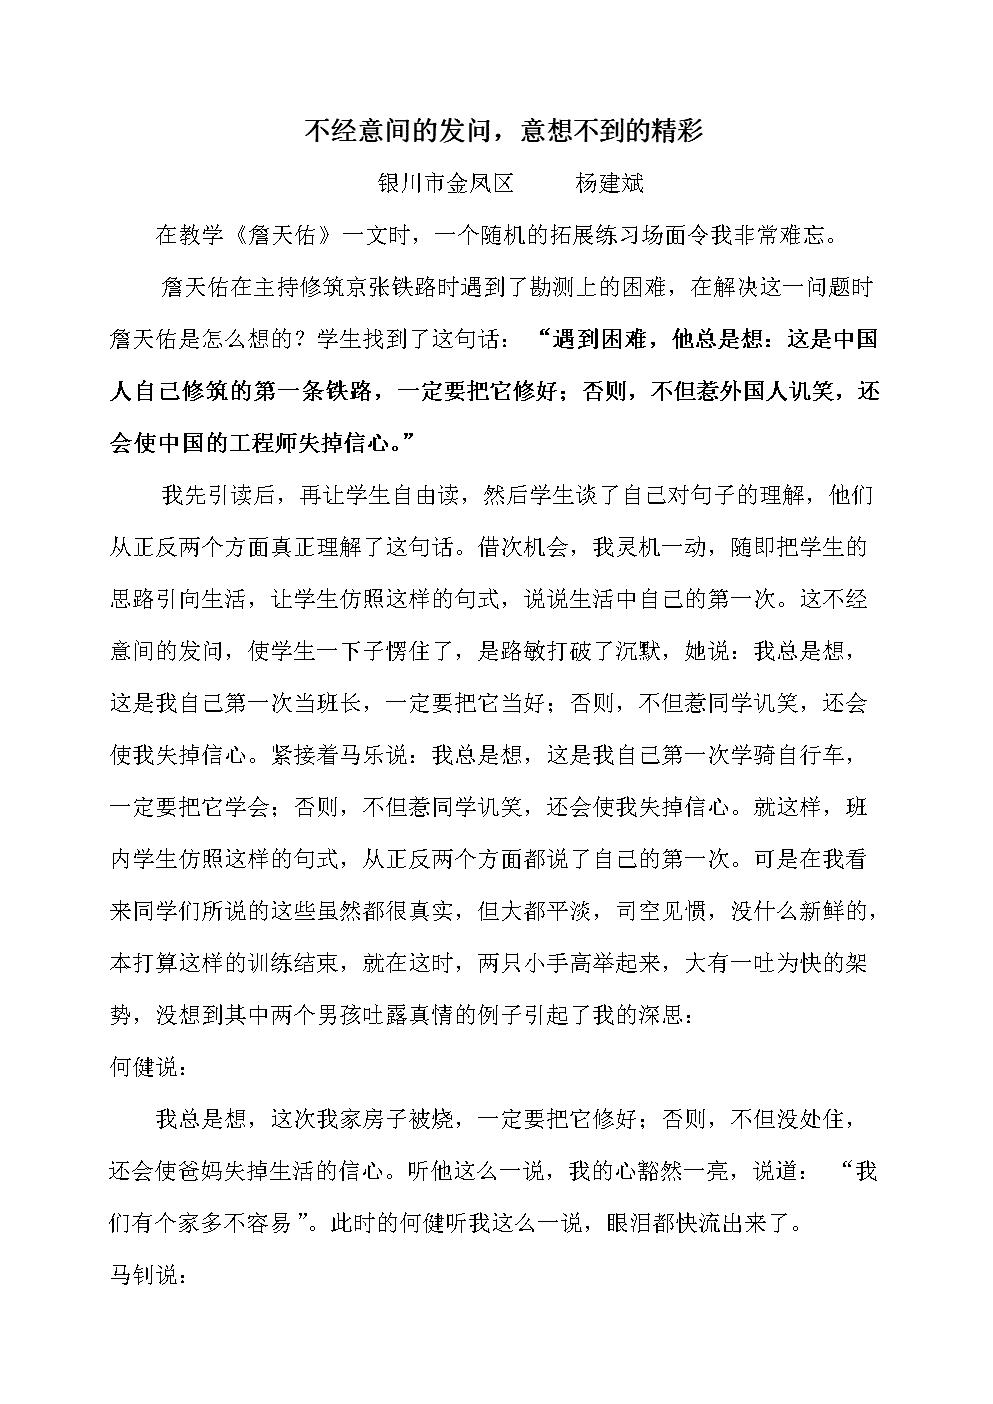 教学小故事-不经意的发问,意想不到的精彩.doc